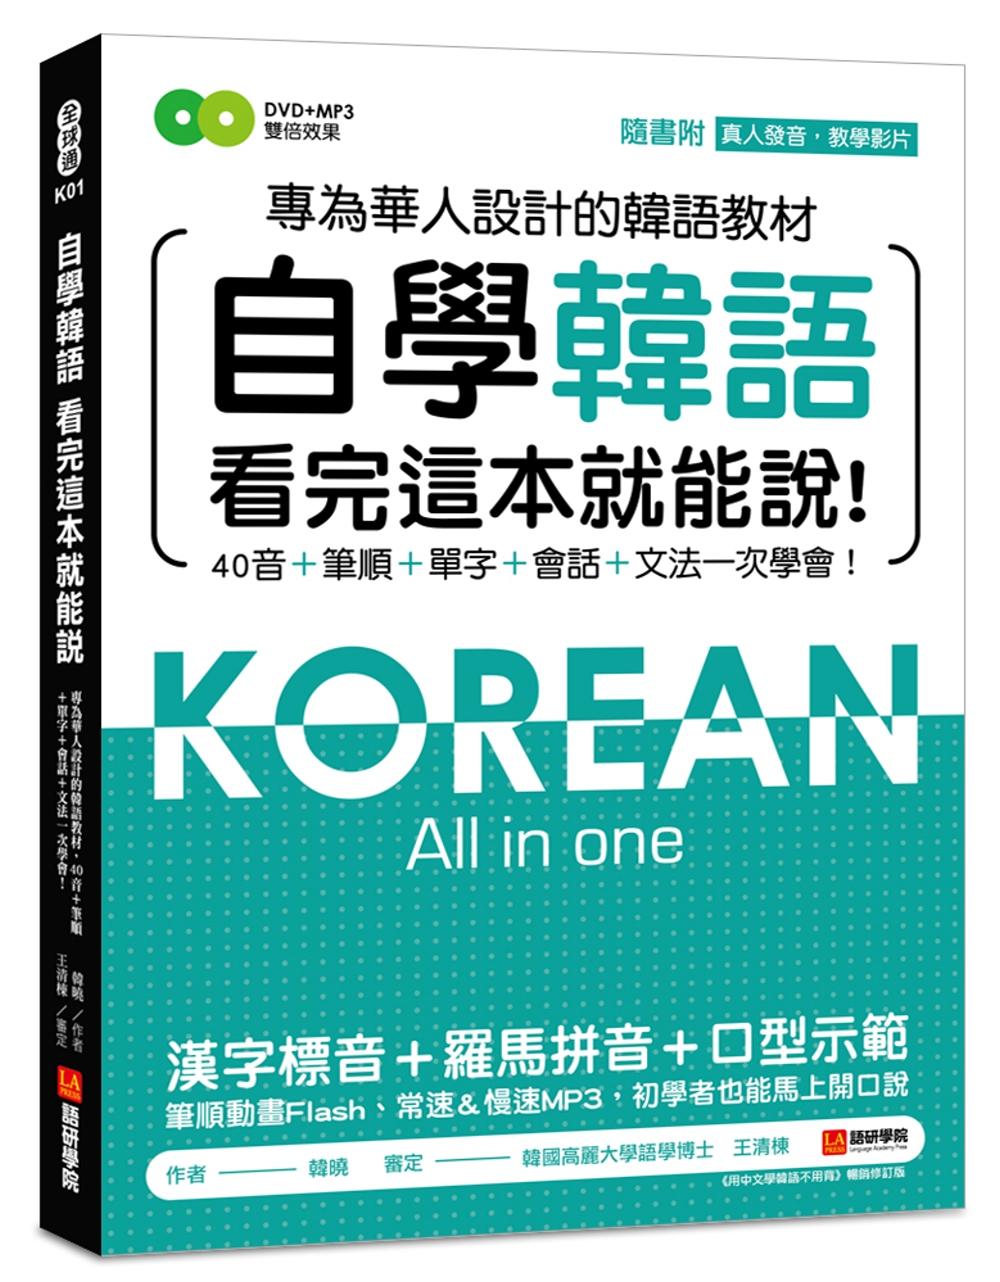 自學韓語看完這本就能說:專為華人設計的韓語教材,40音、筆順、單字、會話、文法一次學會(附真人發音教學影片DVD+MP3)